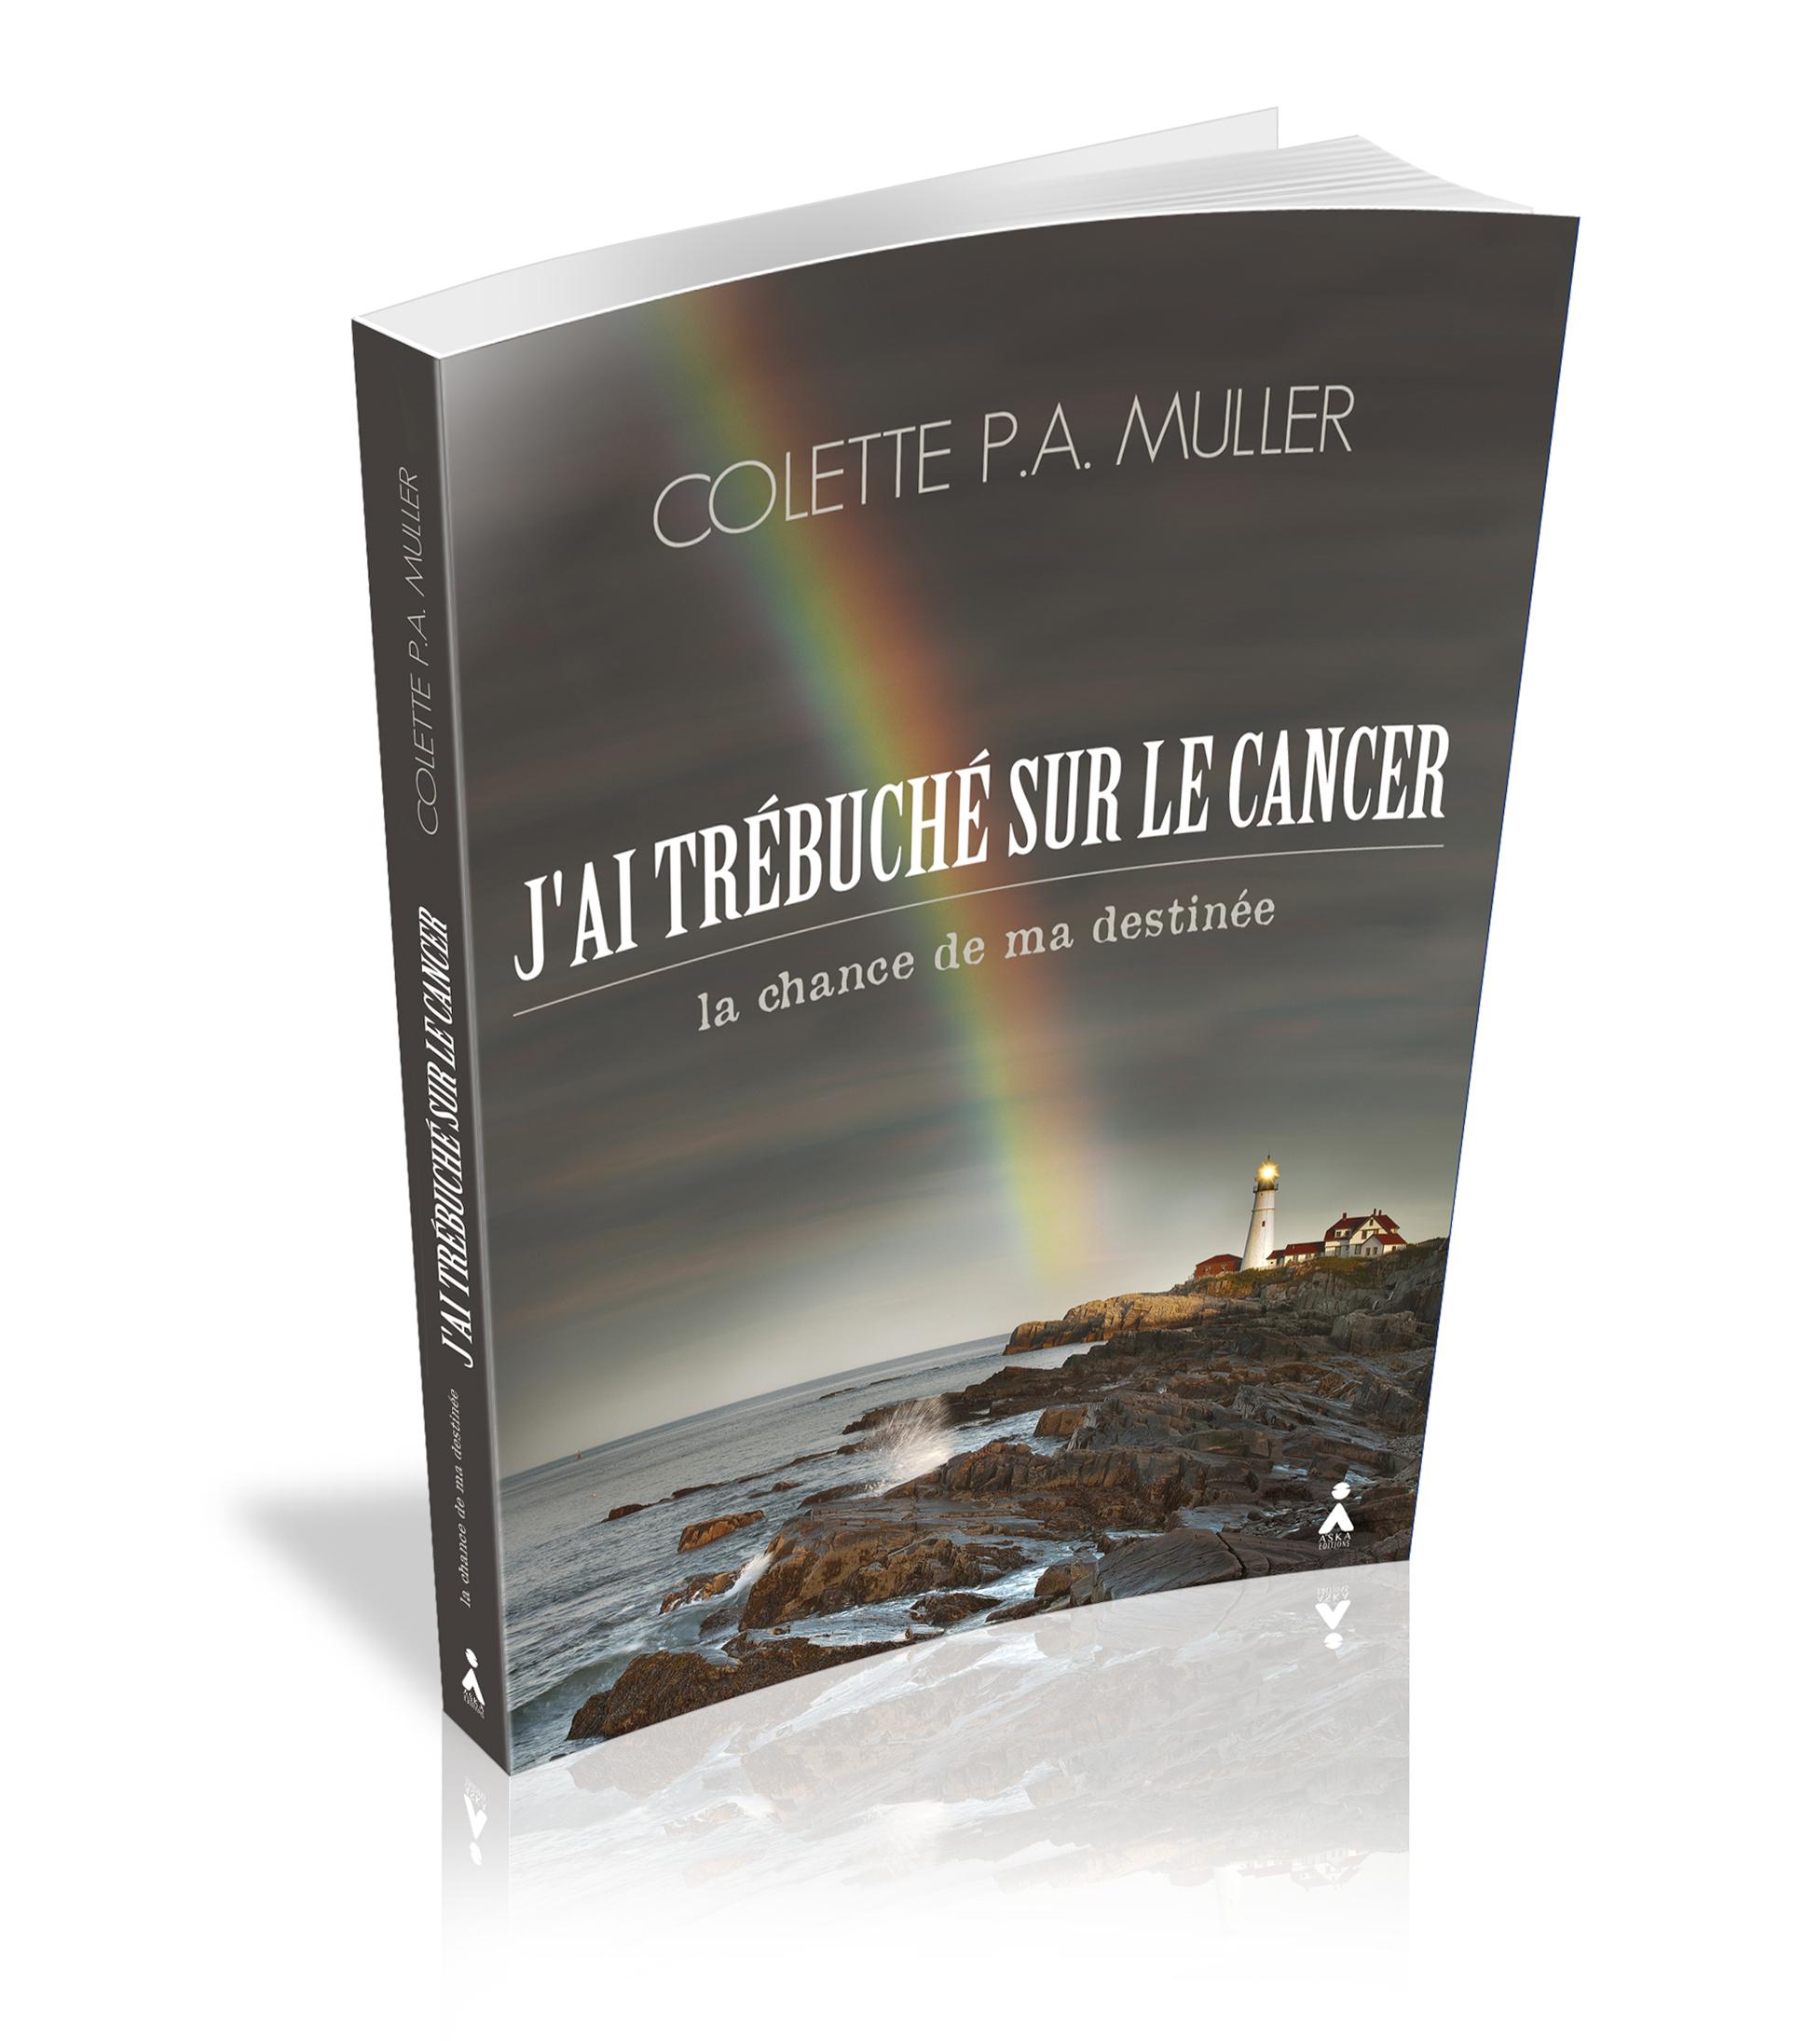 jai-trebuche-sur-le-cancer_3d_juin_14_2016